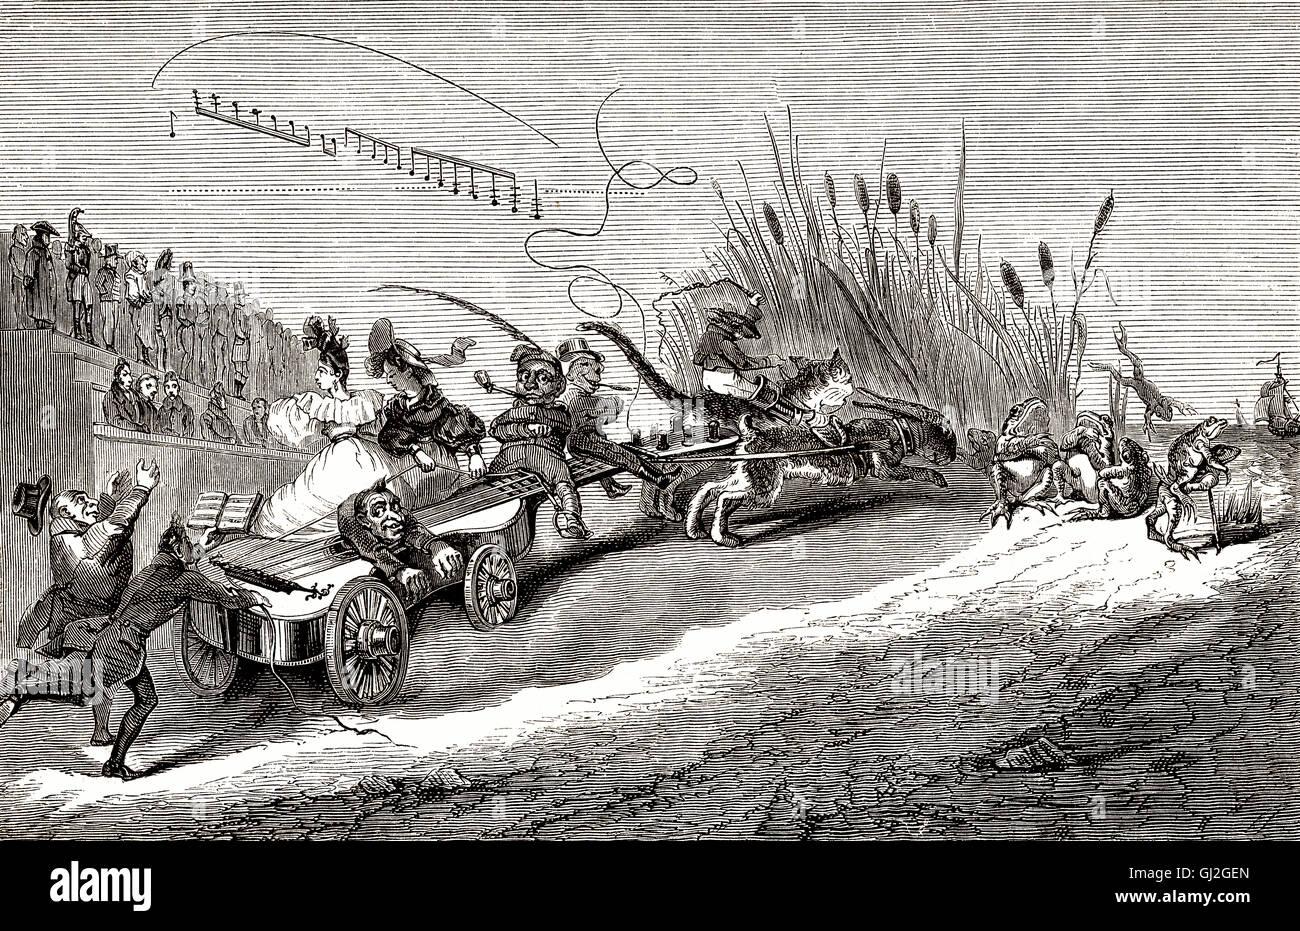 Gitarre, figurale Kompositionen, historische Karikatur von Grandville oder Jean Ignace Isidore Gérard, französischer Stockbild